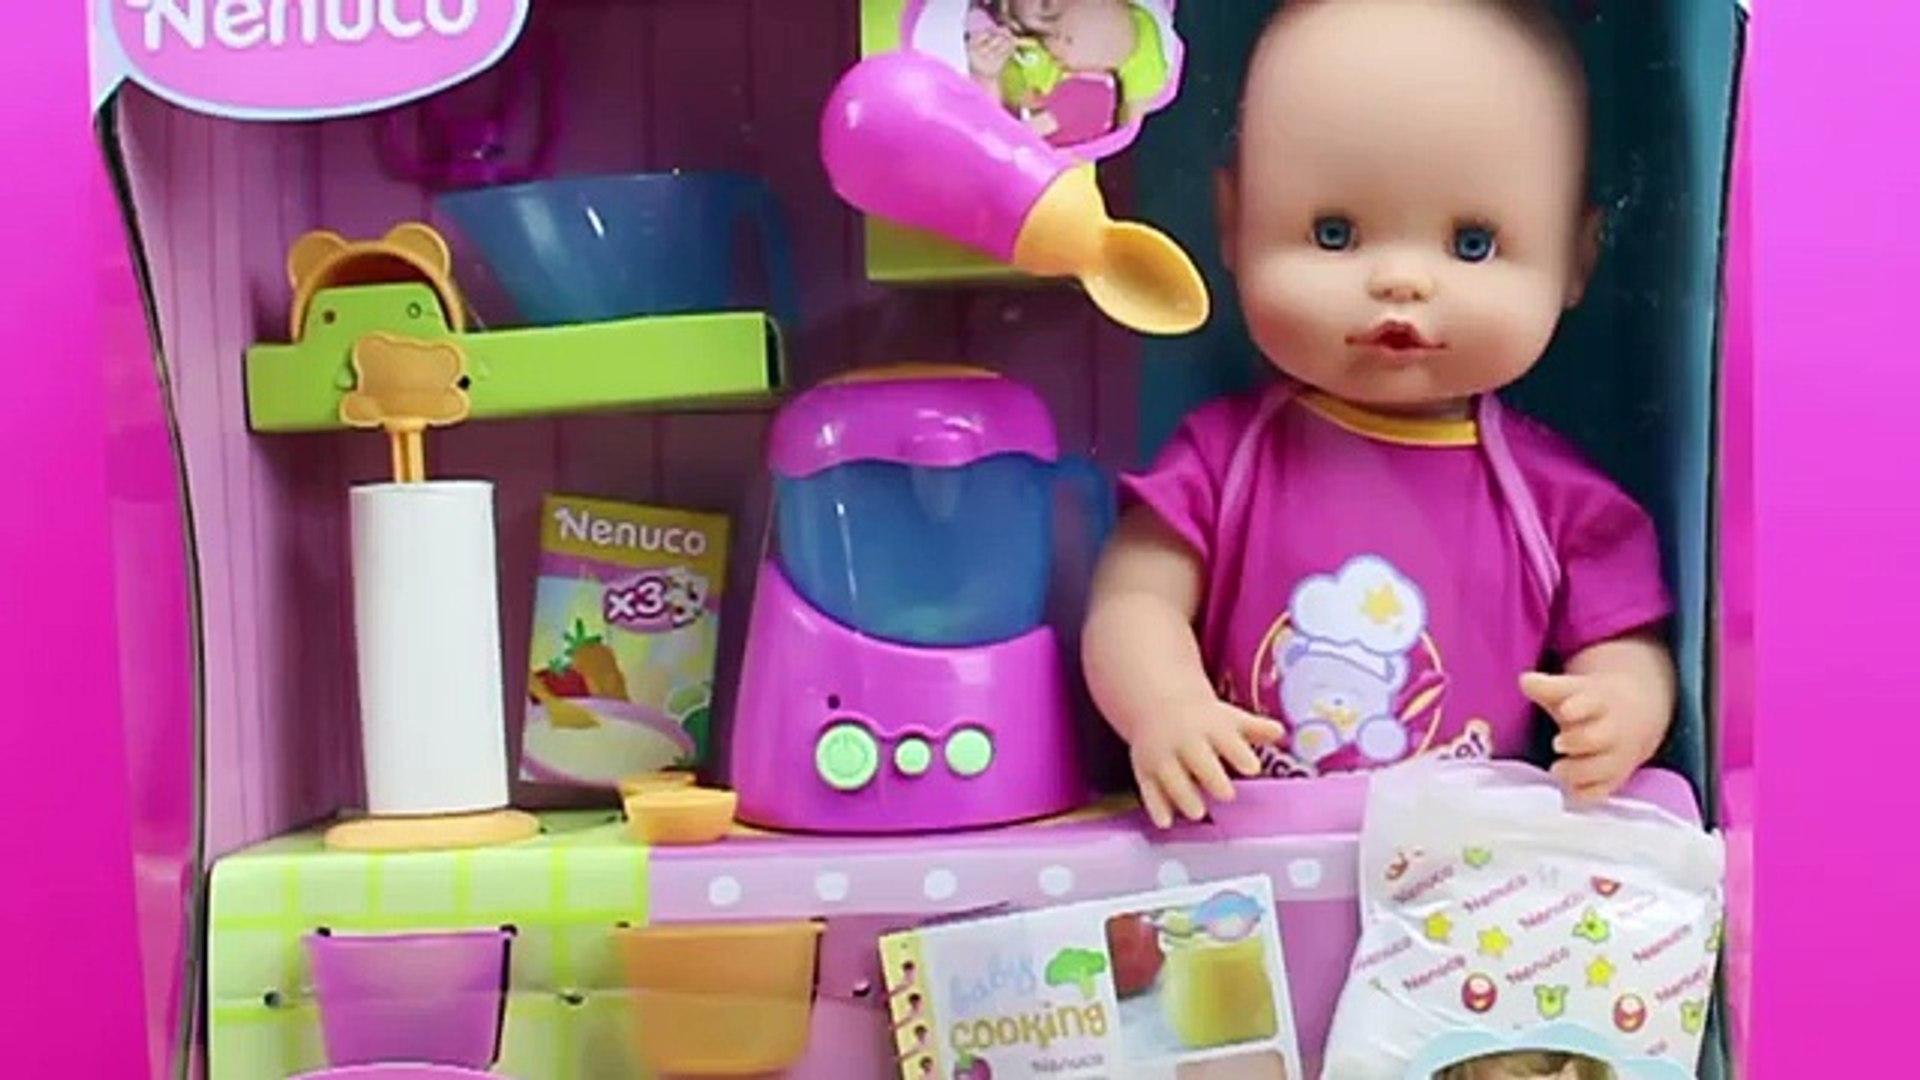 Venta caliente 2019 60% de descuento niño Bebé NENUCO Merienditas | La bebé come papilla y hace pipí de verdad |  NENUCO en español